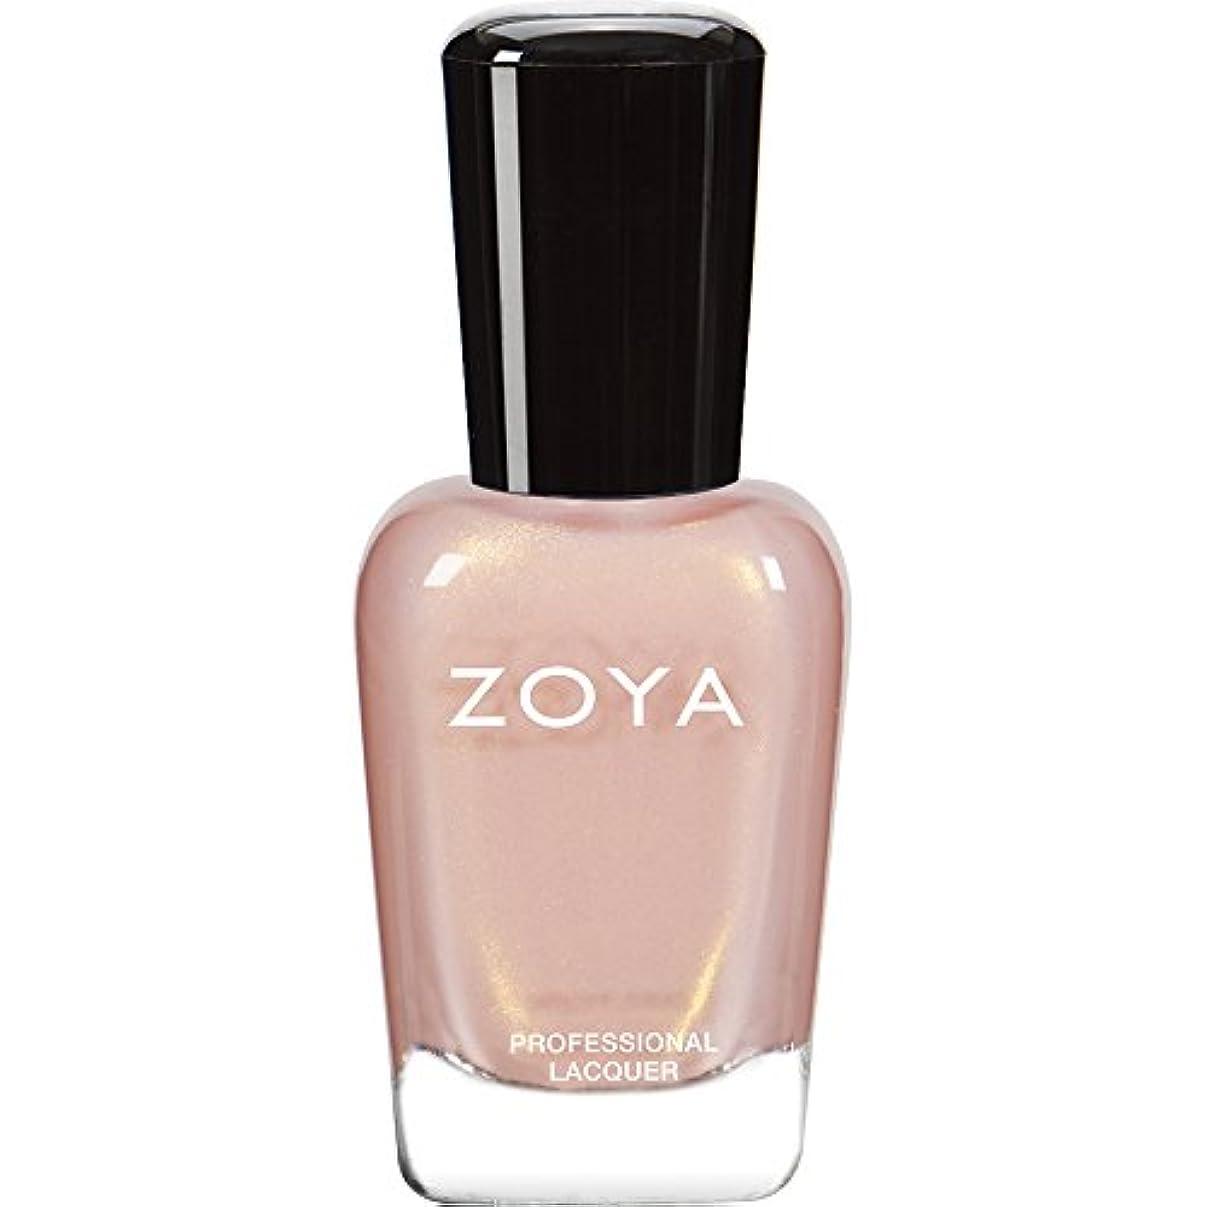 同意中古ゴミ箱ZOYA ゾーヤ ネイルカラーZP445(ERIKA) エリカ 15ml ゴールドがきらめくガーリーなベビーピンク パール/メタリック 爪にやさしいネイルラッカーマニキュア